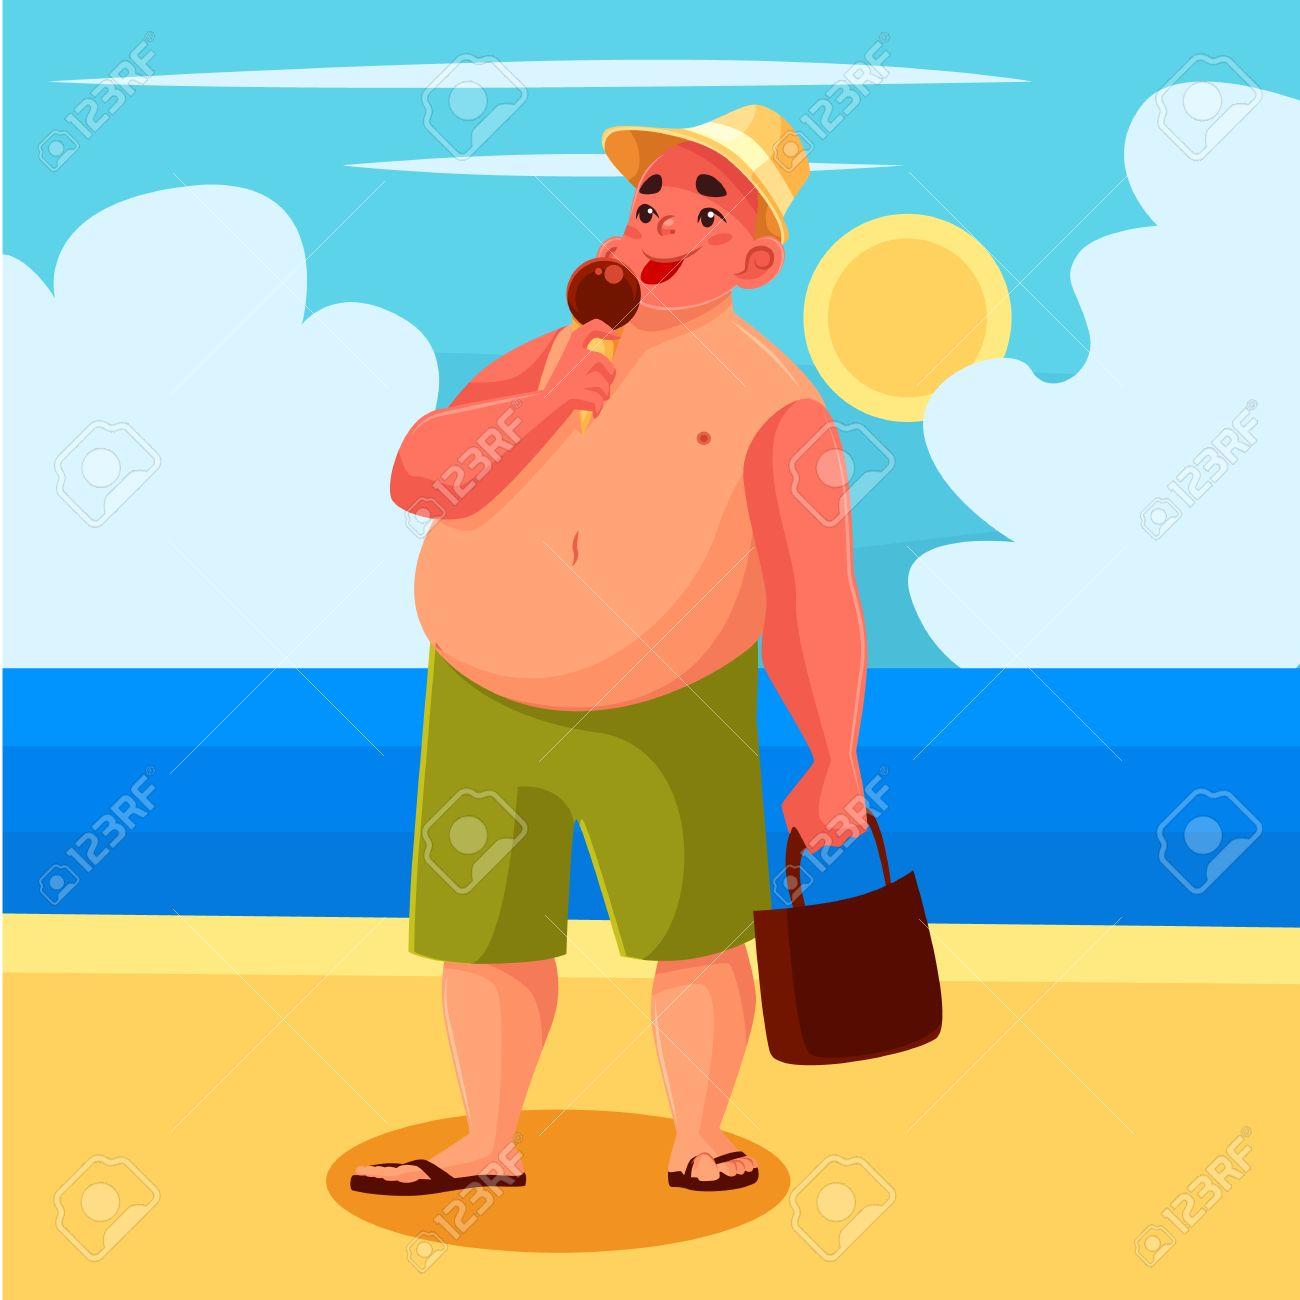 Hombre Gordo Que Come El Helado En La Playa De Dibujos Animados Ilustración Vectorial De Historietas Un Hombre Tiene Un Helado De Dulce En La Playa